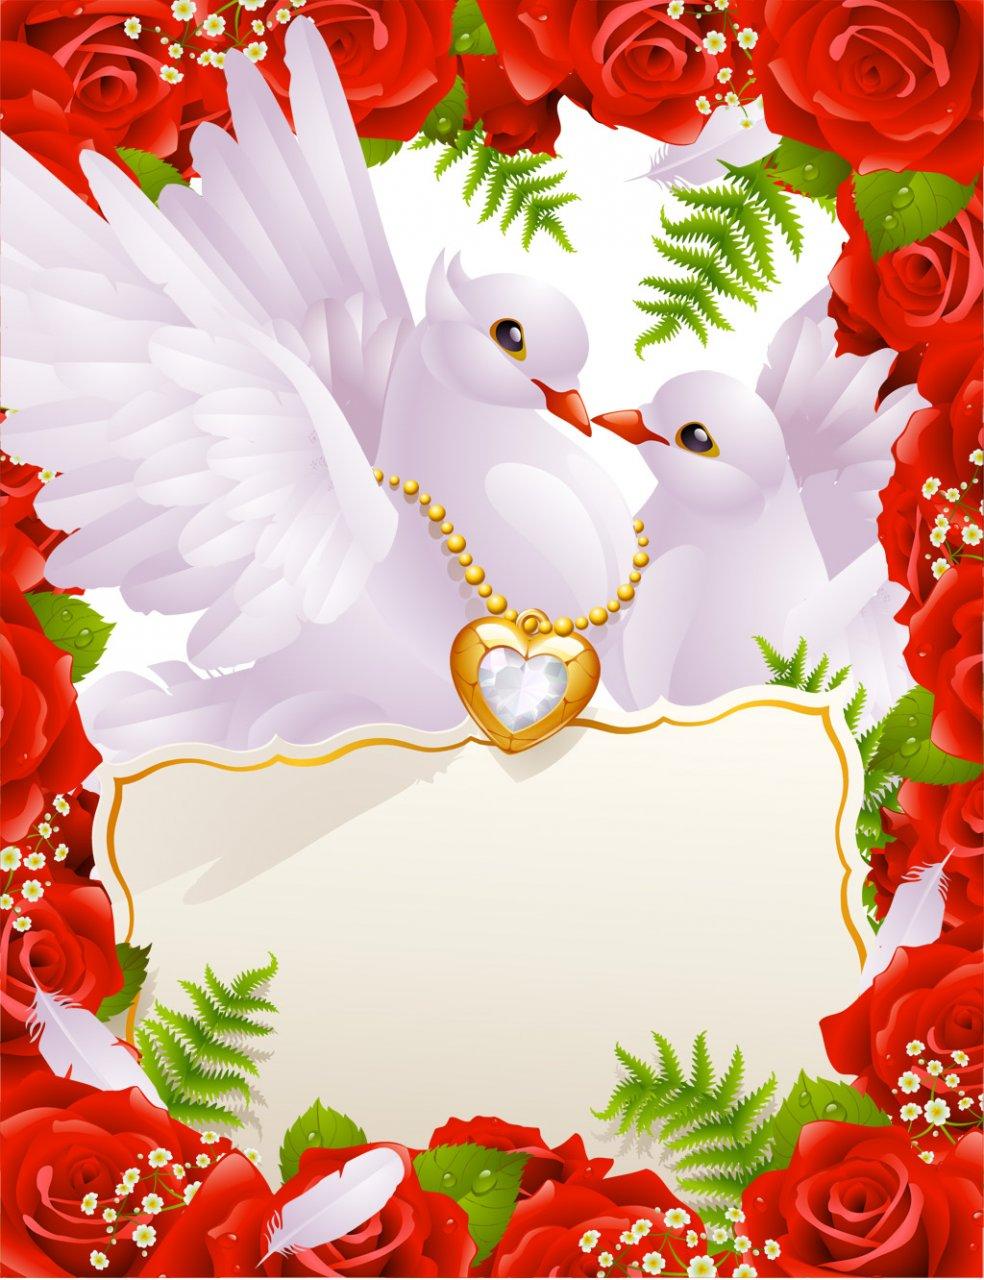 Свадьба золотая сценарии